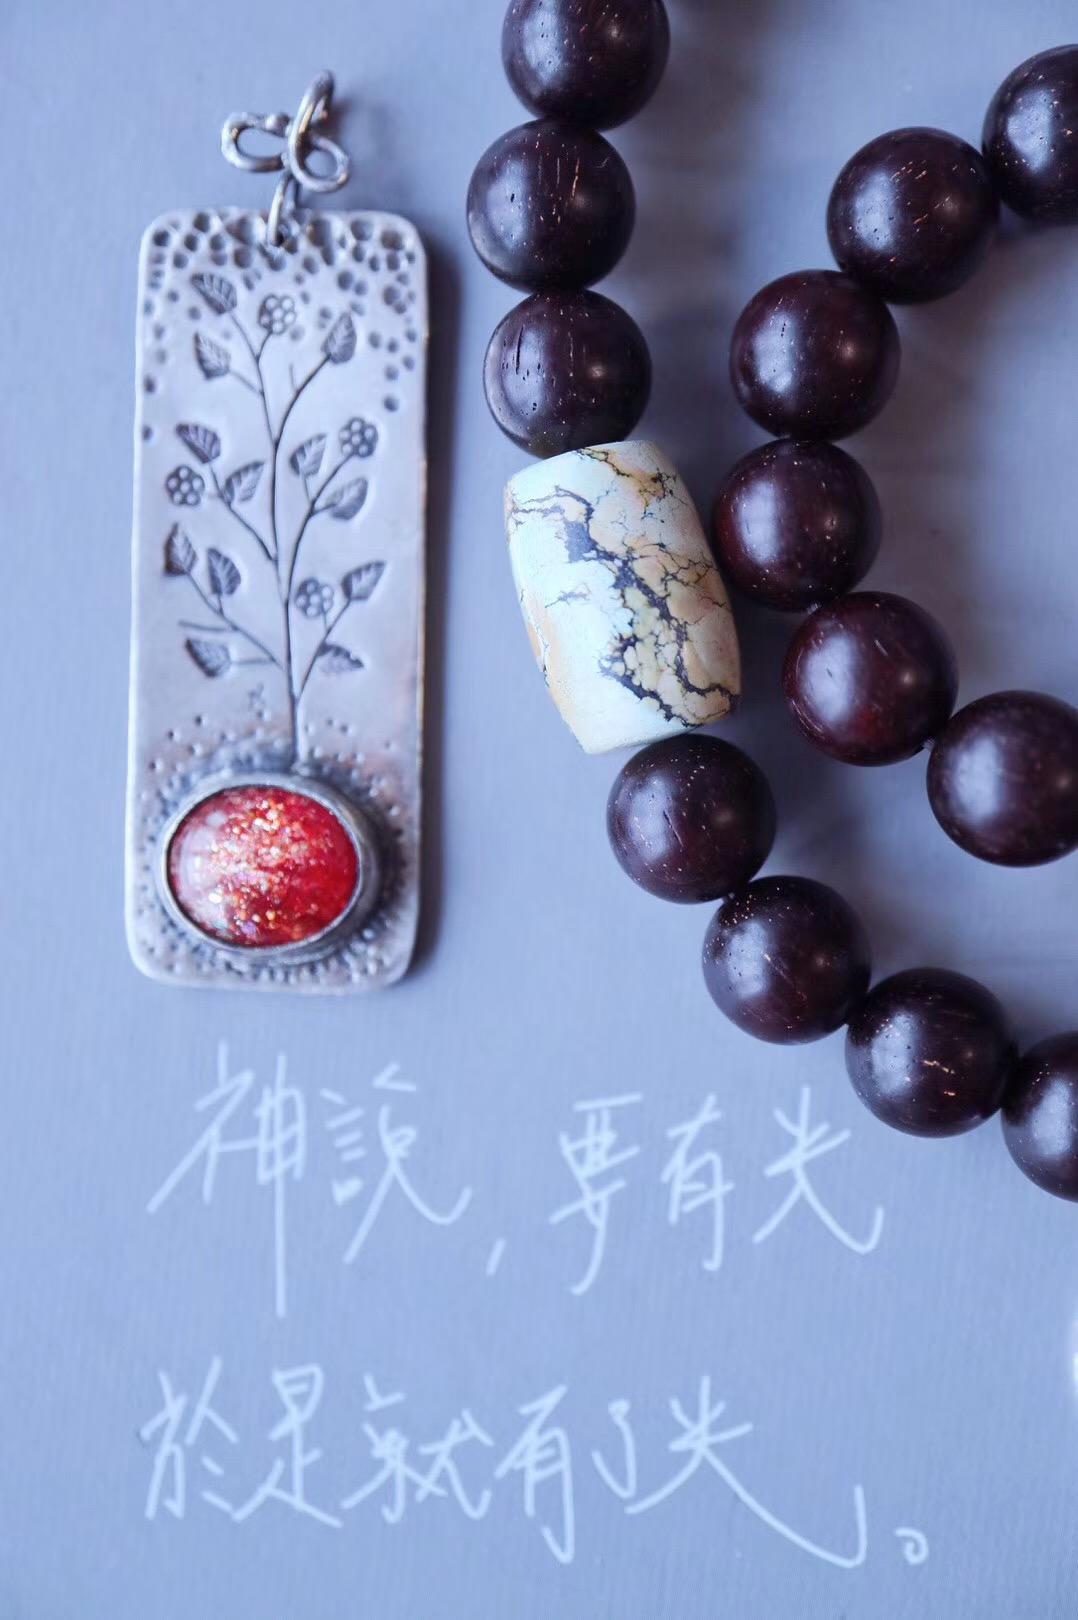 【菩心-小叶紫檀、老矿青金石】一款老料小叶紫檀青金神兽坠--手串。这个冬季适合沉淀-菩心晶舍